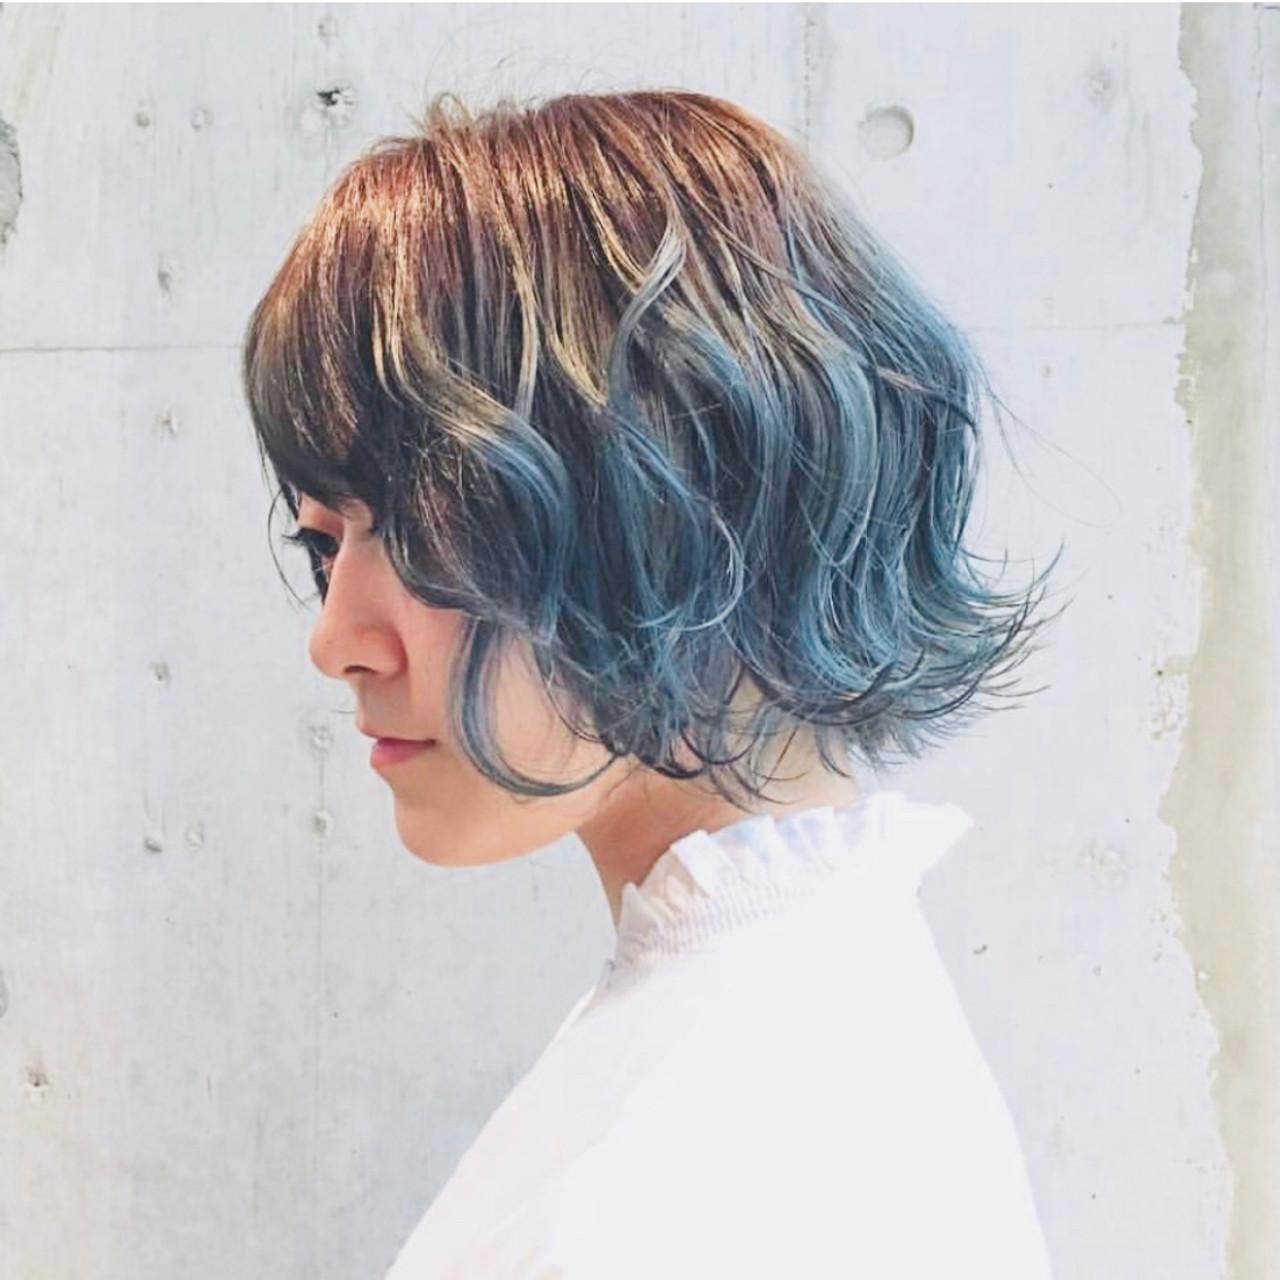 切りっぱなしボブ ボブ グラデーションカラー 外国人風カラー ヘアスタイルや髪型の写真・画像 | haruca shiono / imaii scaena×colore